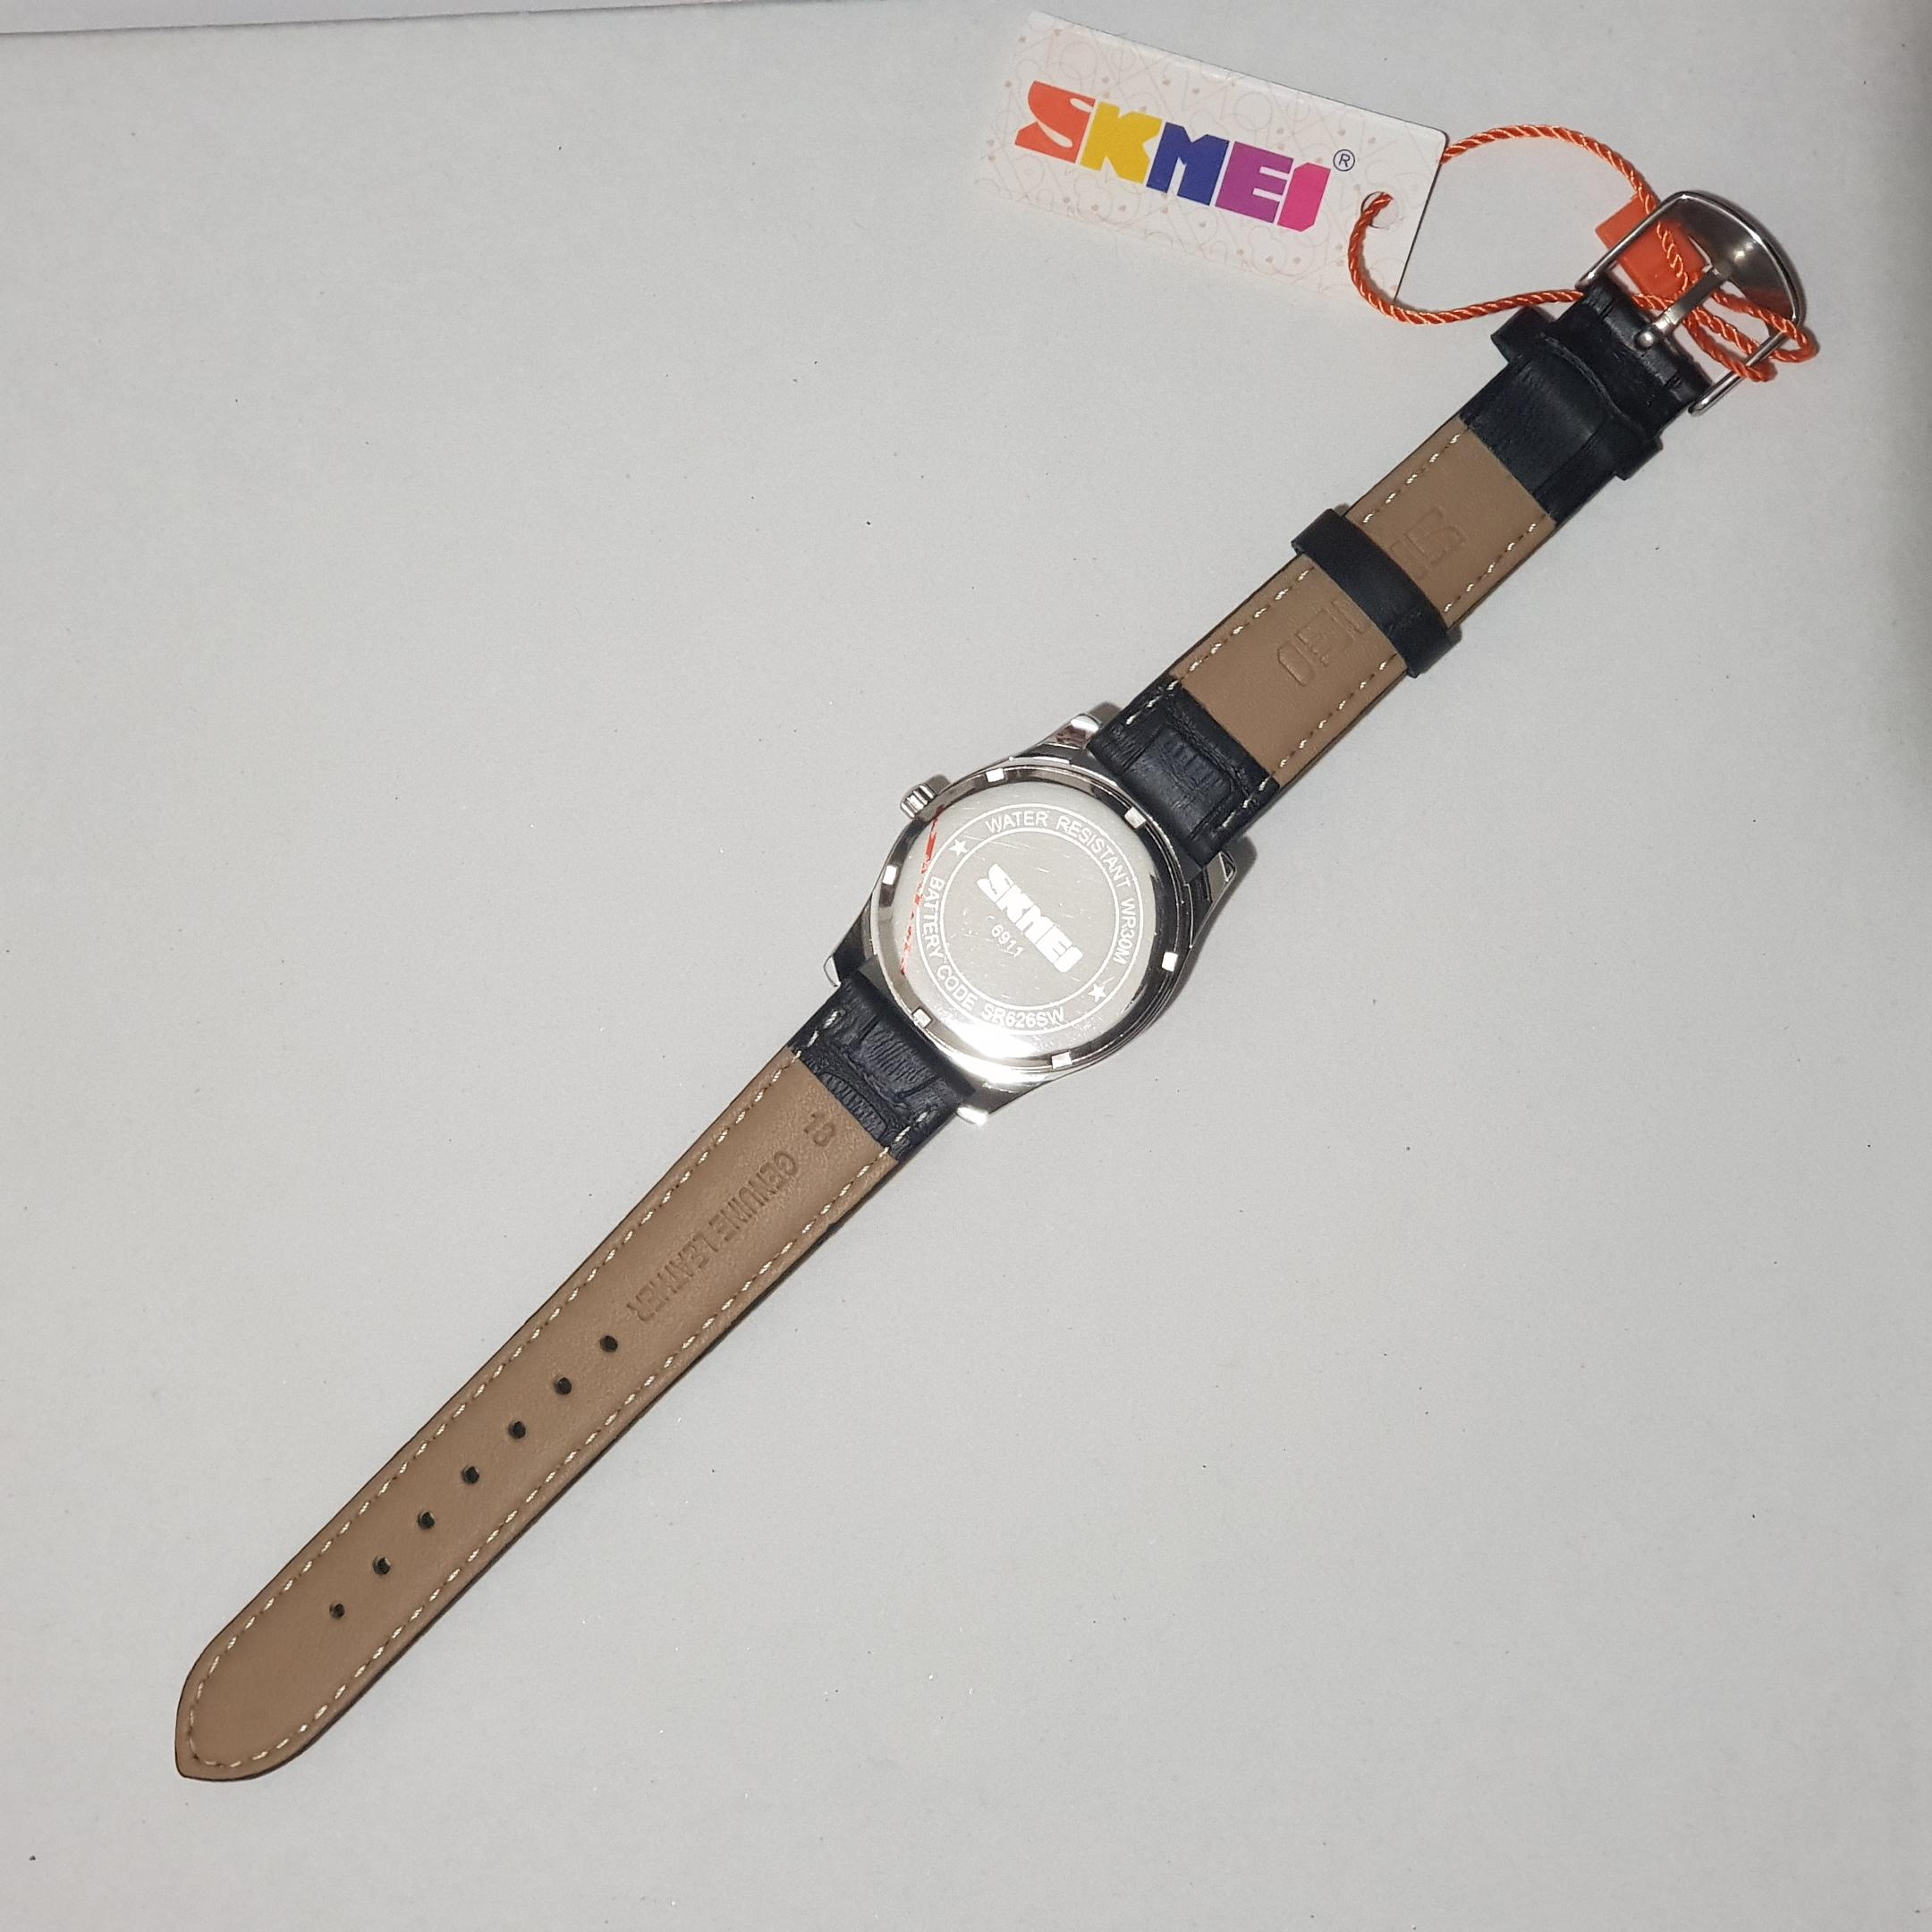 ساعت مچی عقربه ای زنانه اسکمی مدل 6911 کد 01              ارزان